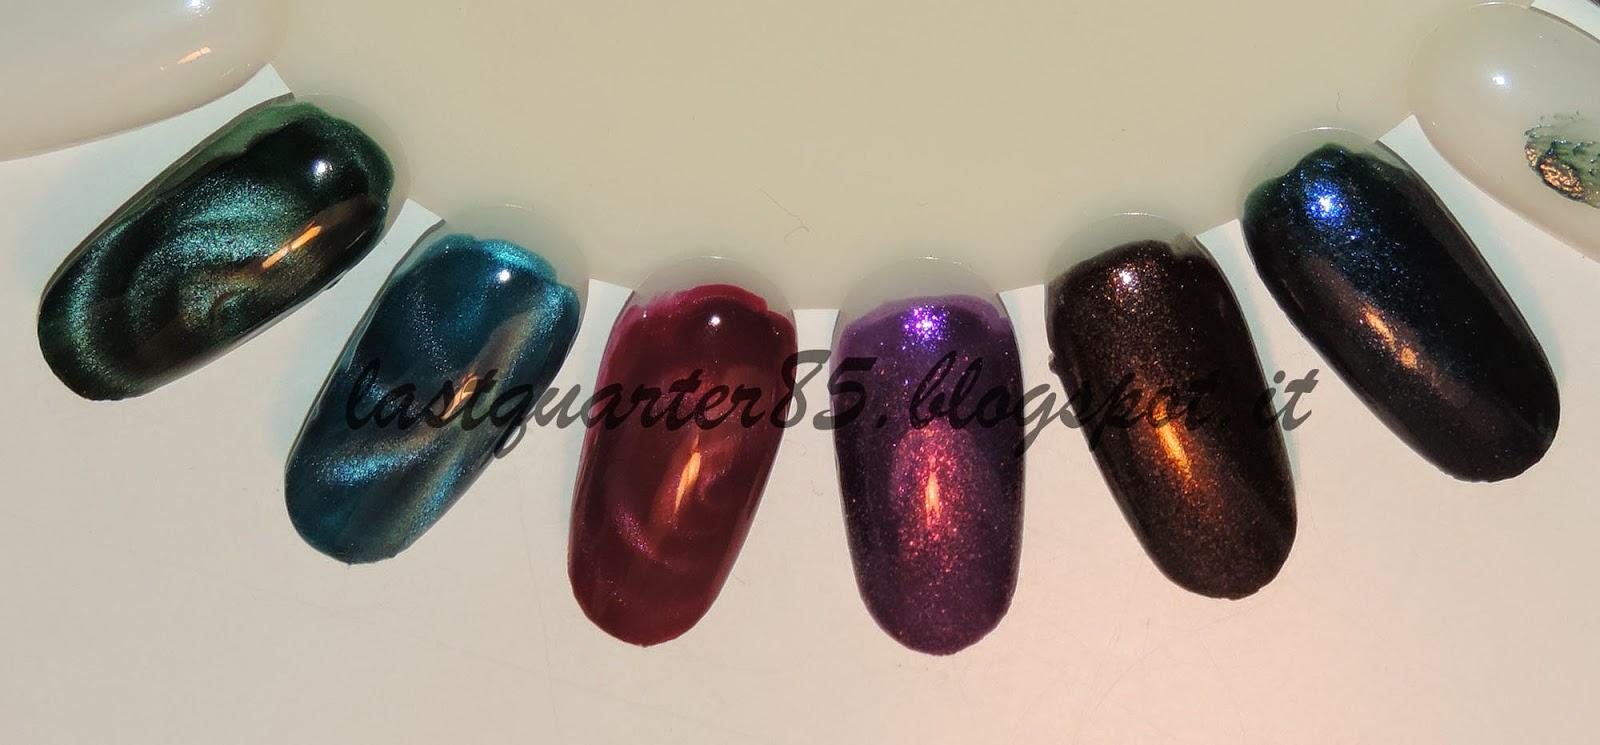 Da sinistra a destra: 3 smalti magnetici 706 Verdone, 705 Ottanio, 703 Rosso Vino; 278 Viola Orchidea Microglitter, 514 Caffè Dorato Perlato e 522 Blu Zaffiro Perlato (questi ultimi due delle nuove colorazioni).